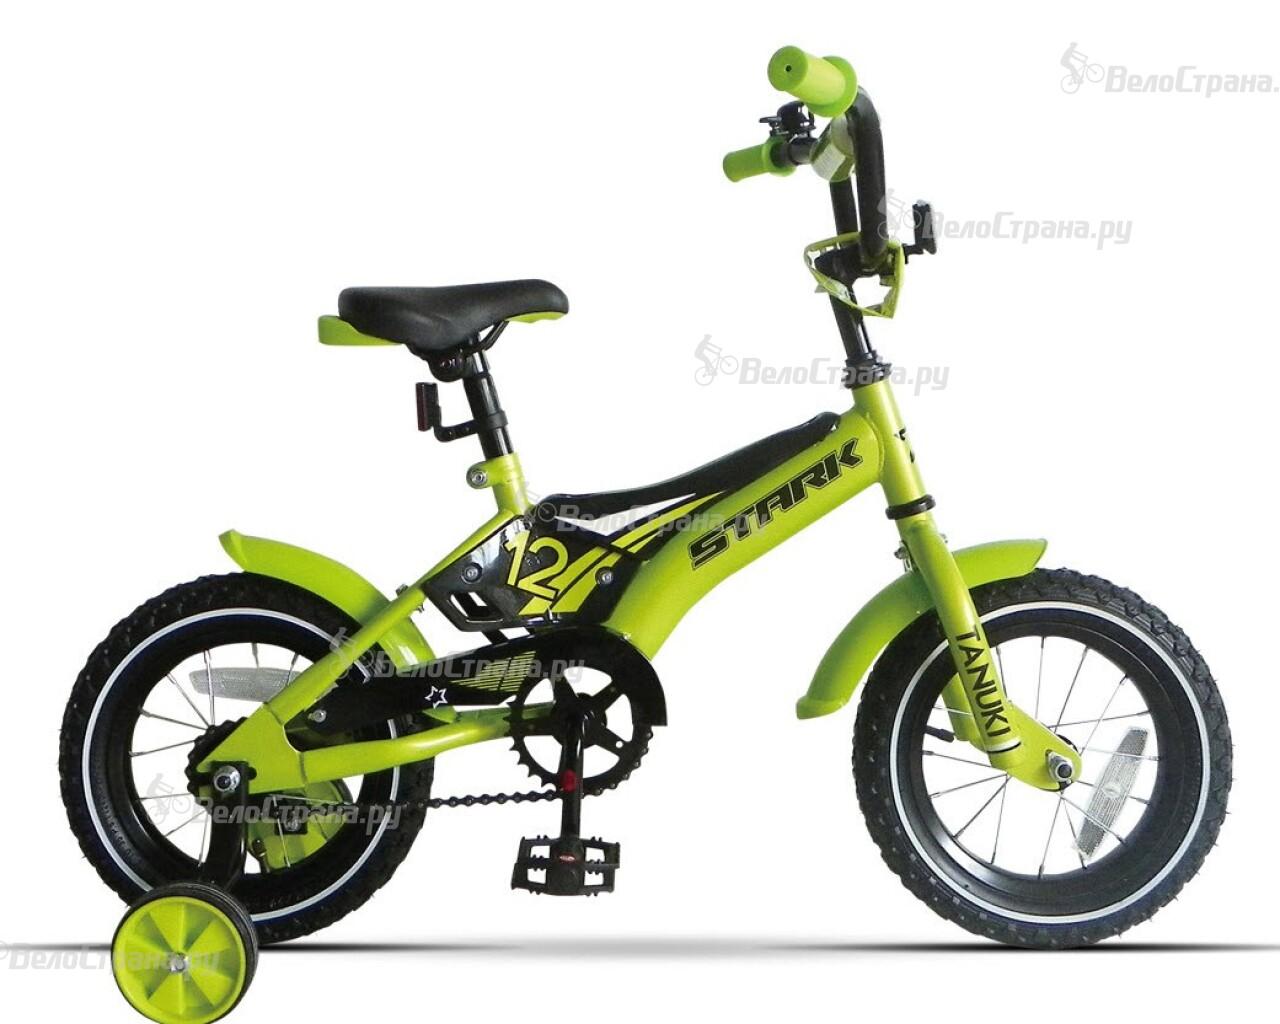 Велосипед Stark Tanuki Boy 12 (2016) велосипед stark tanuki 14 boy 2017